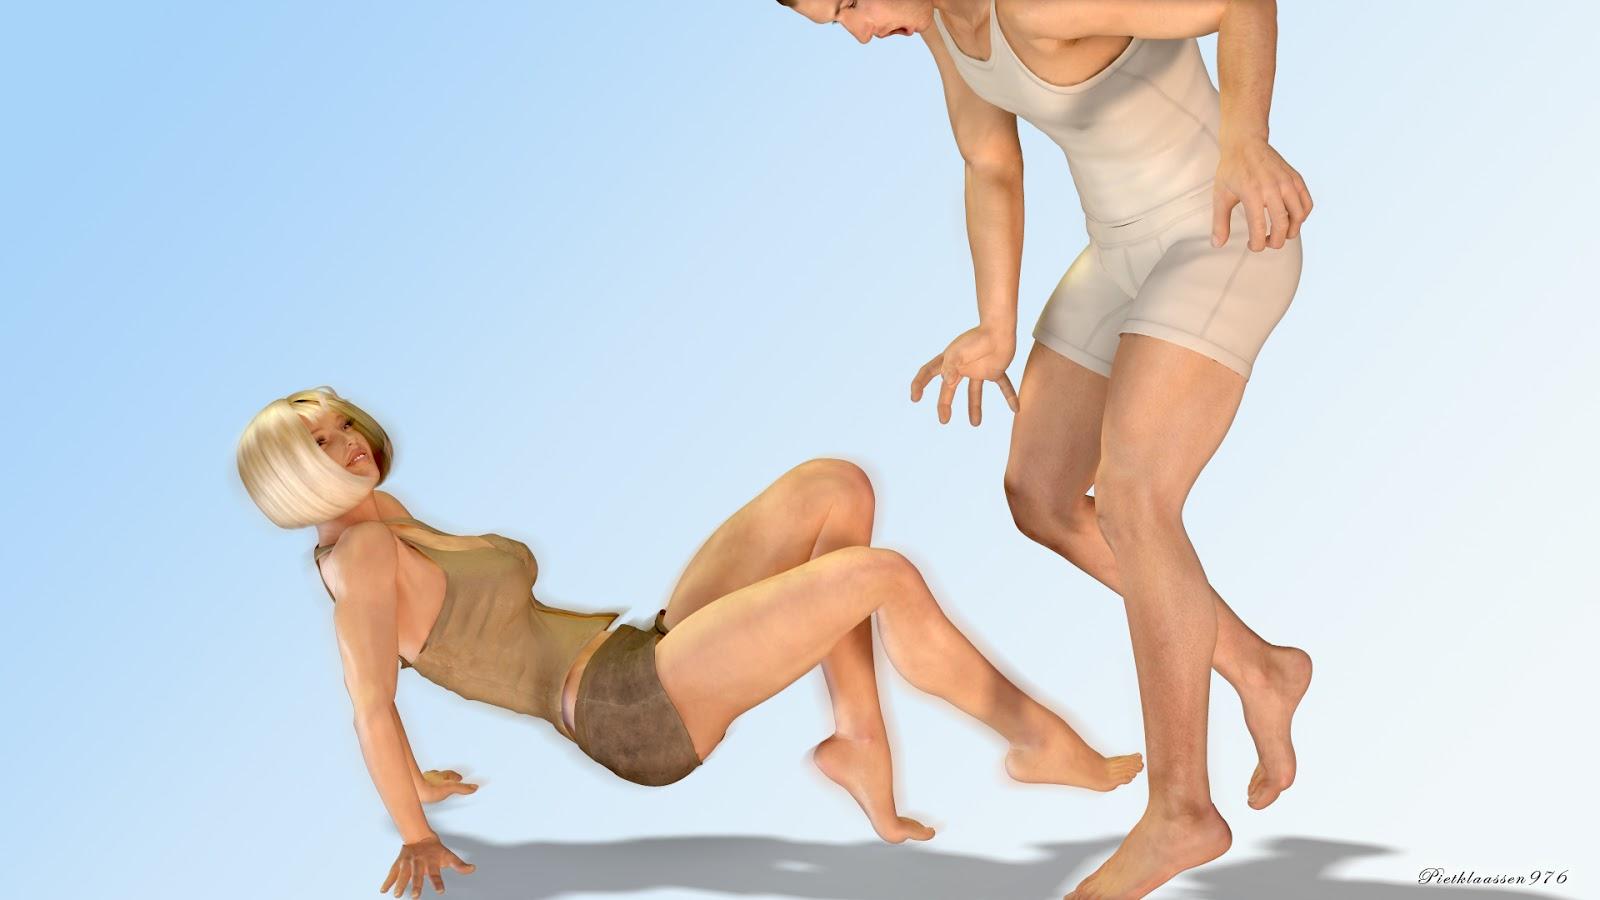 Farrah fawcett majors nude